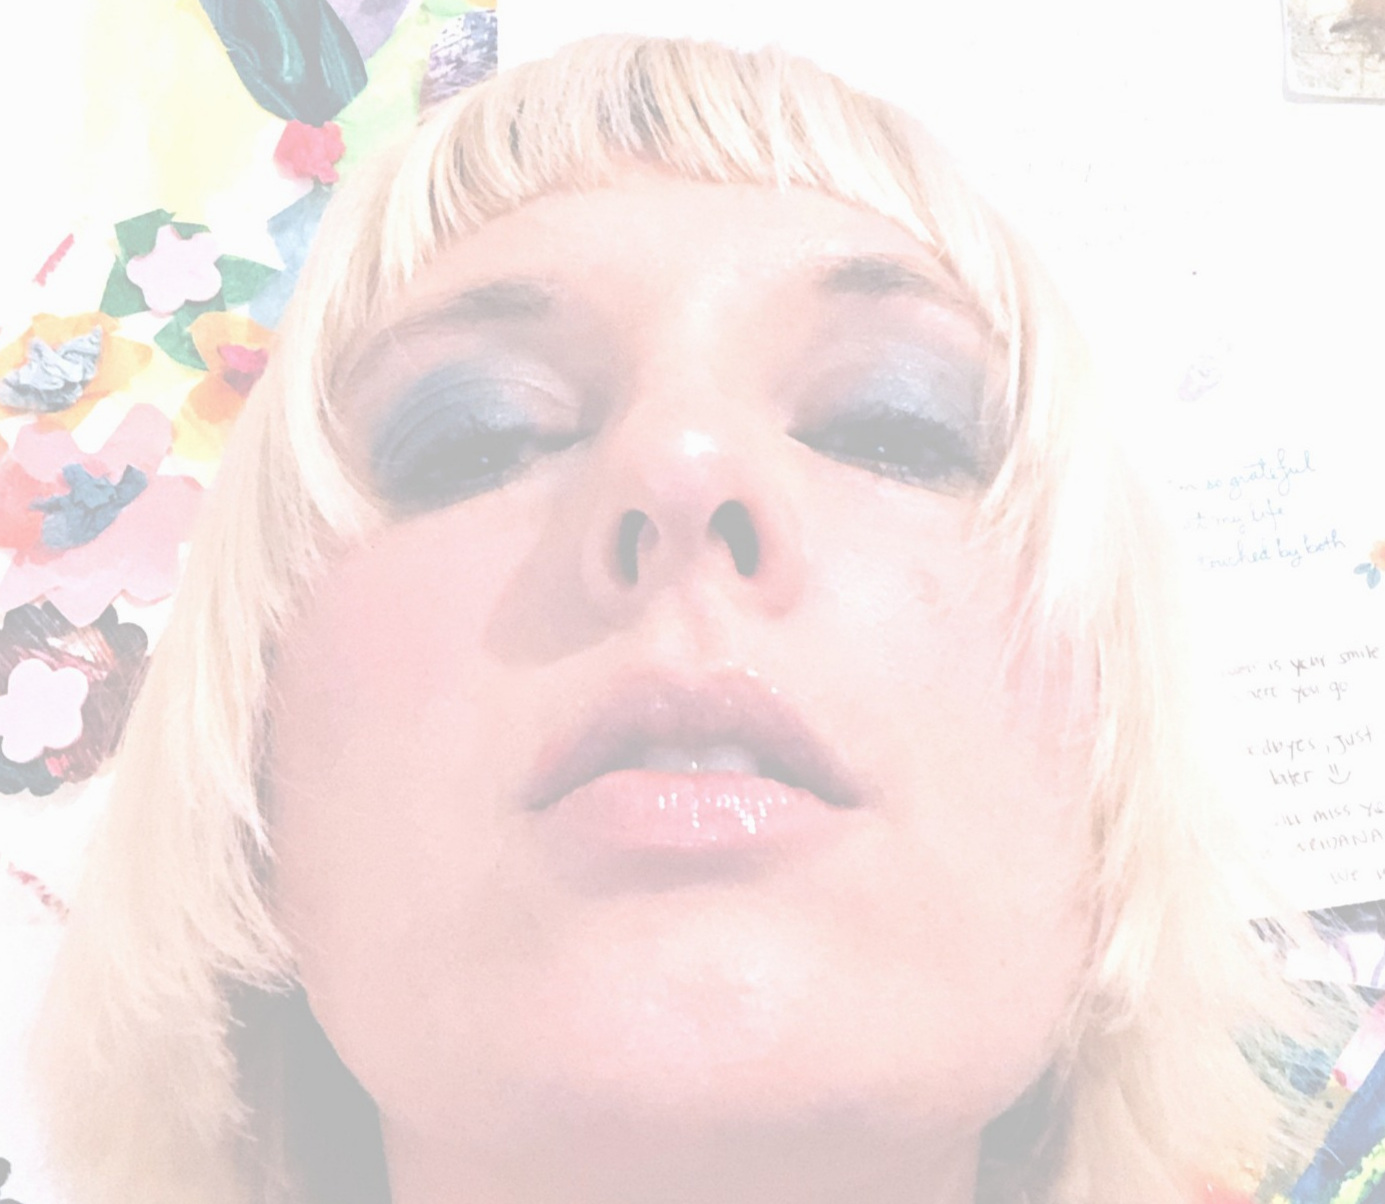 Loredana Gasparotto's self portrait